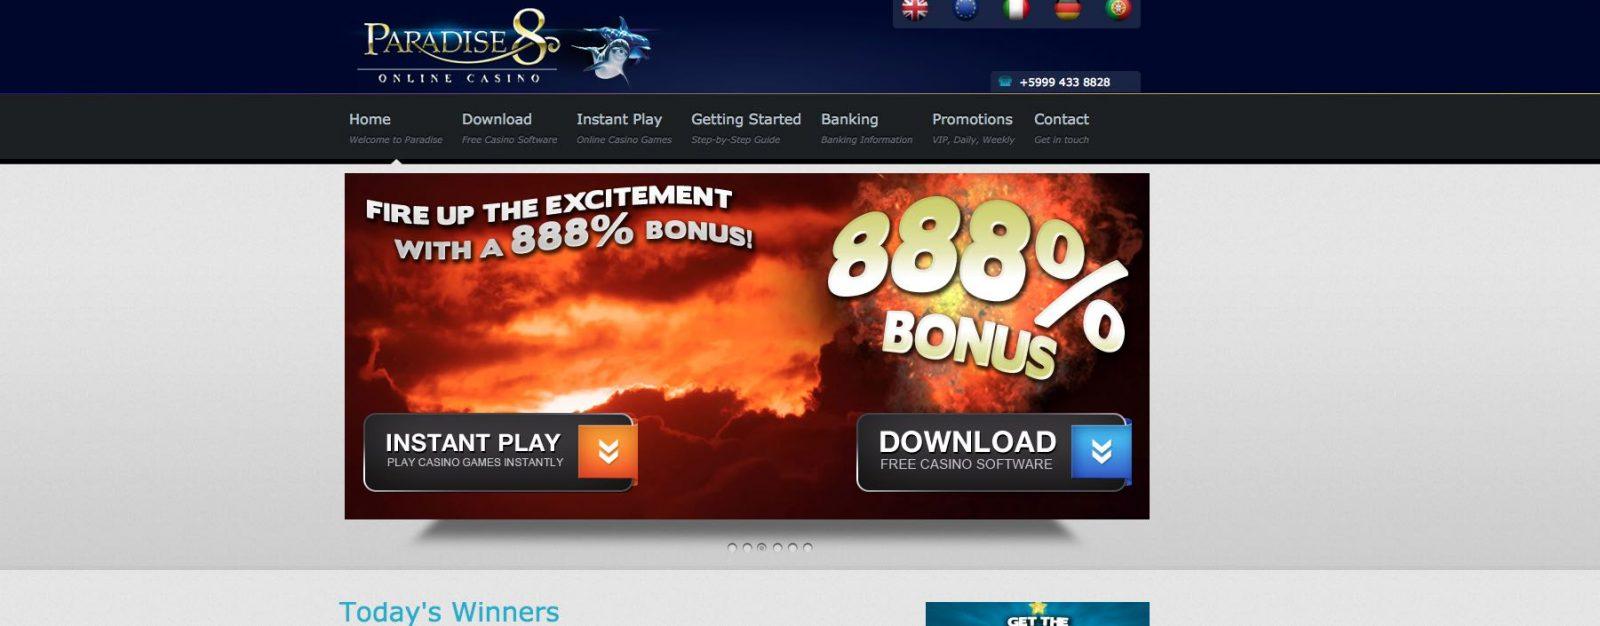 Paradise online casino софты для ресивера голден интерстар скачать